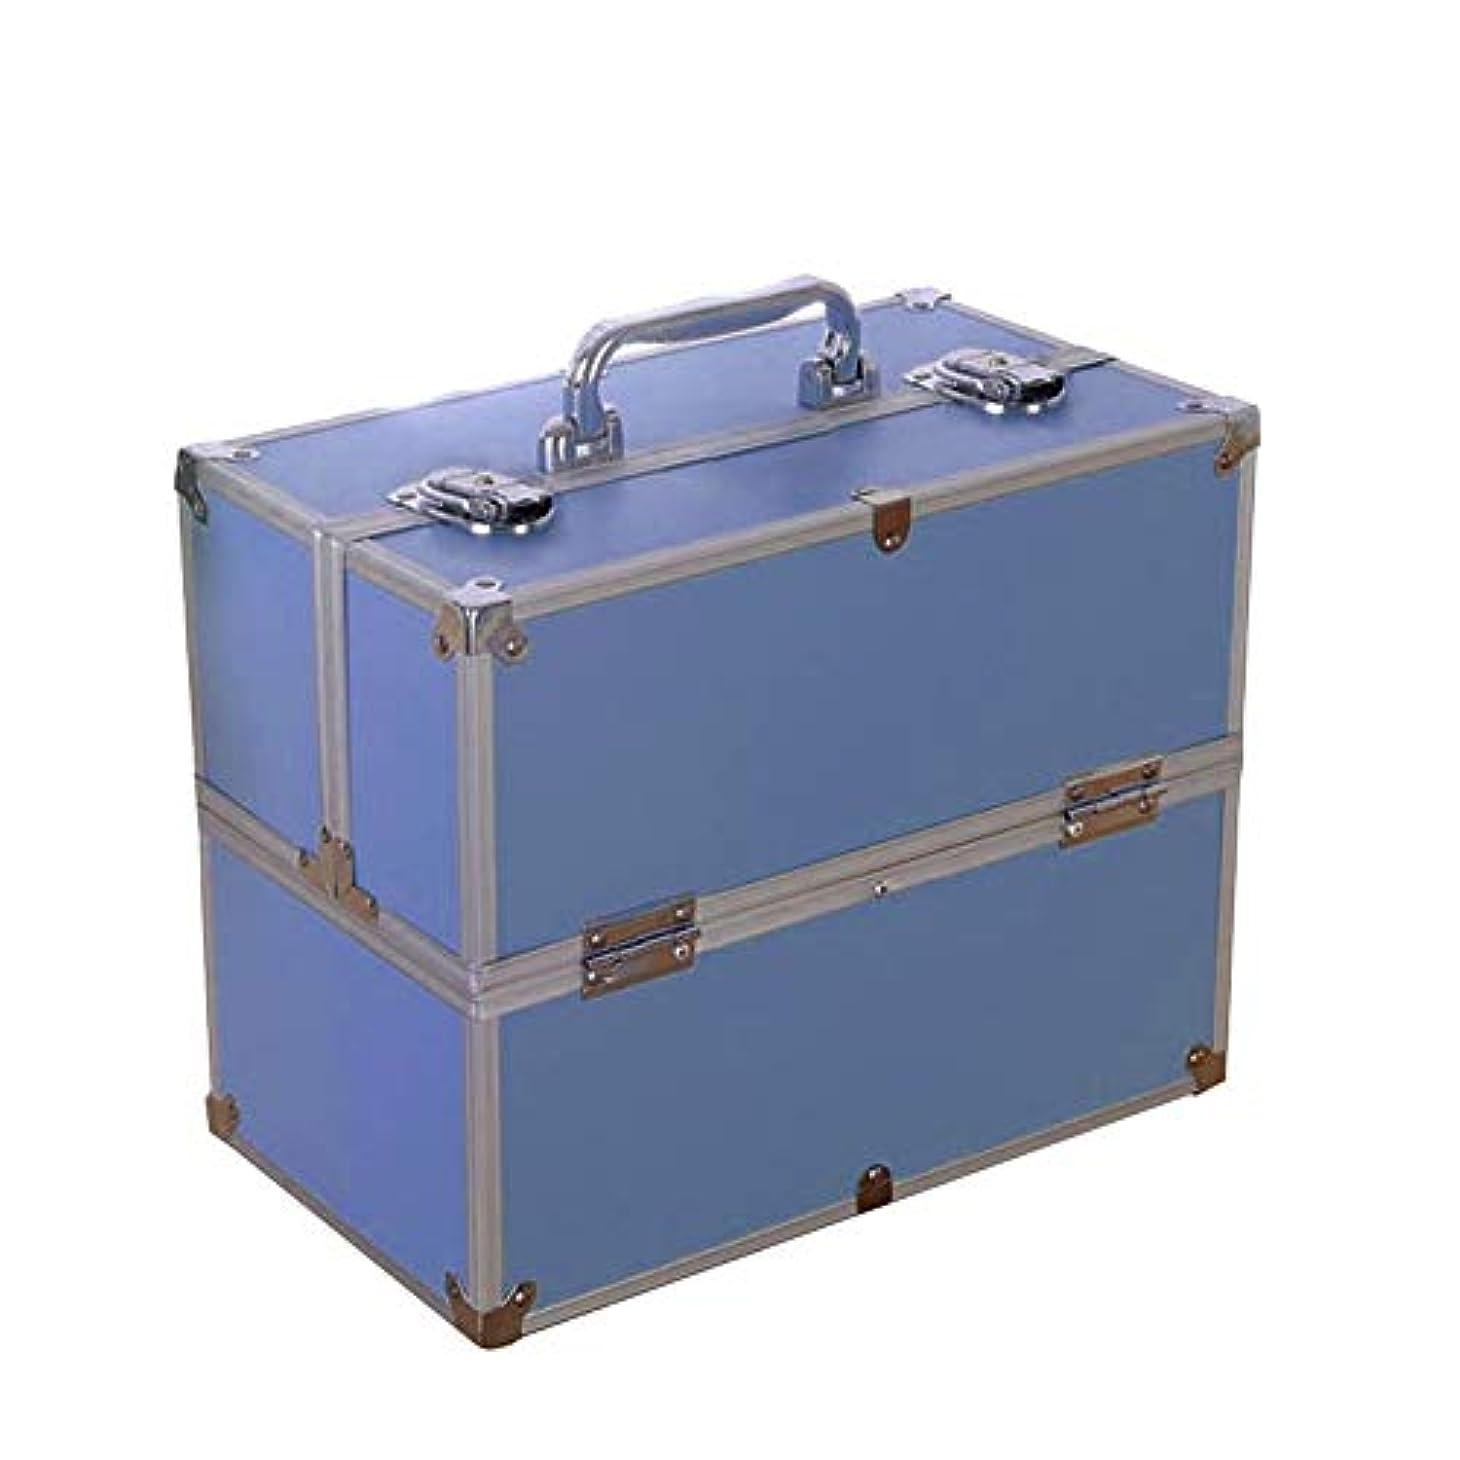 結婚したサスティーン悪魔MCTECH トレンチケース メイクボックス コスメボックス プロ仕様 オシャレ 軽量 ハードシェル アルミフレーム カギ付き 多種機能 大容量収納 ブルー